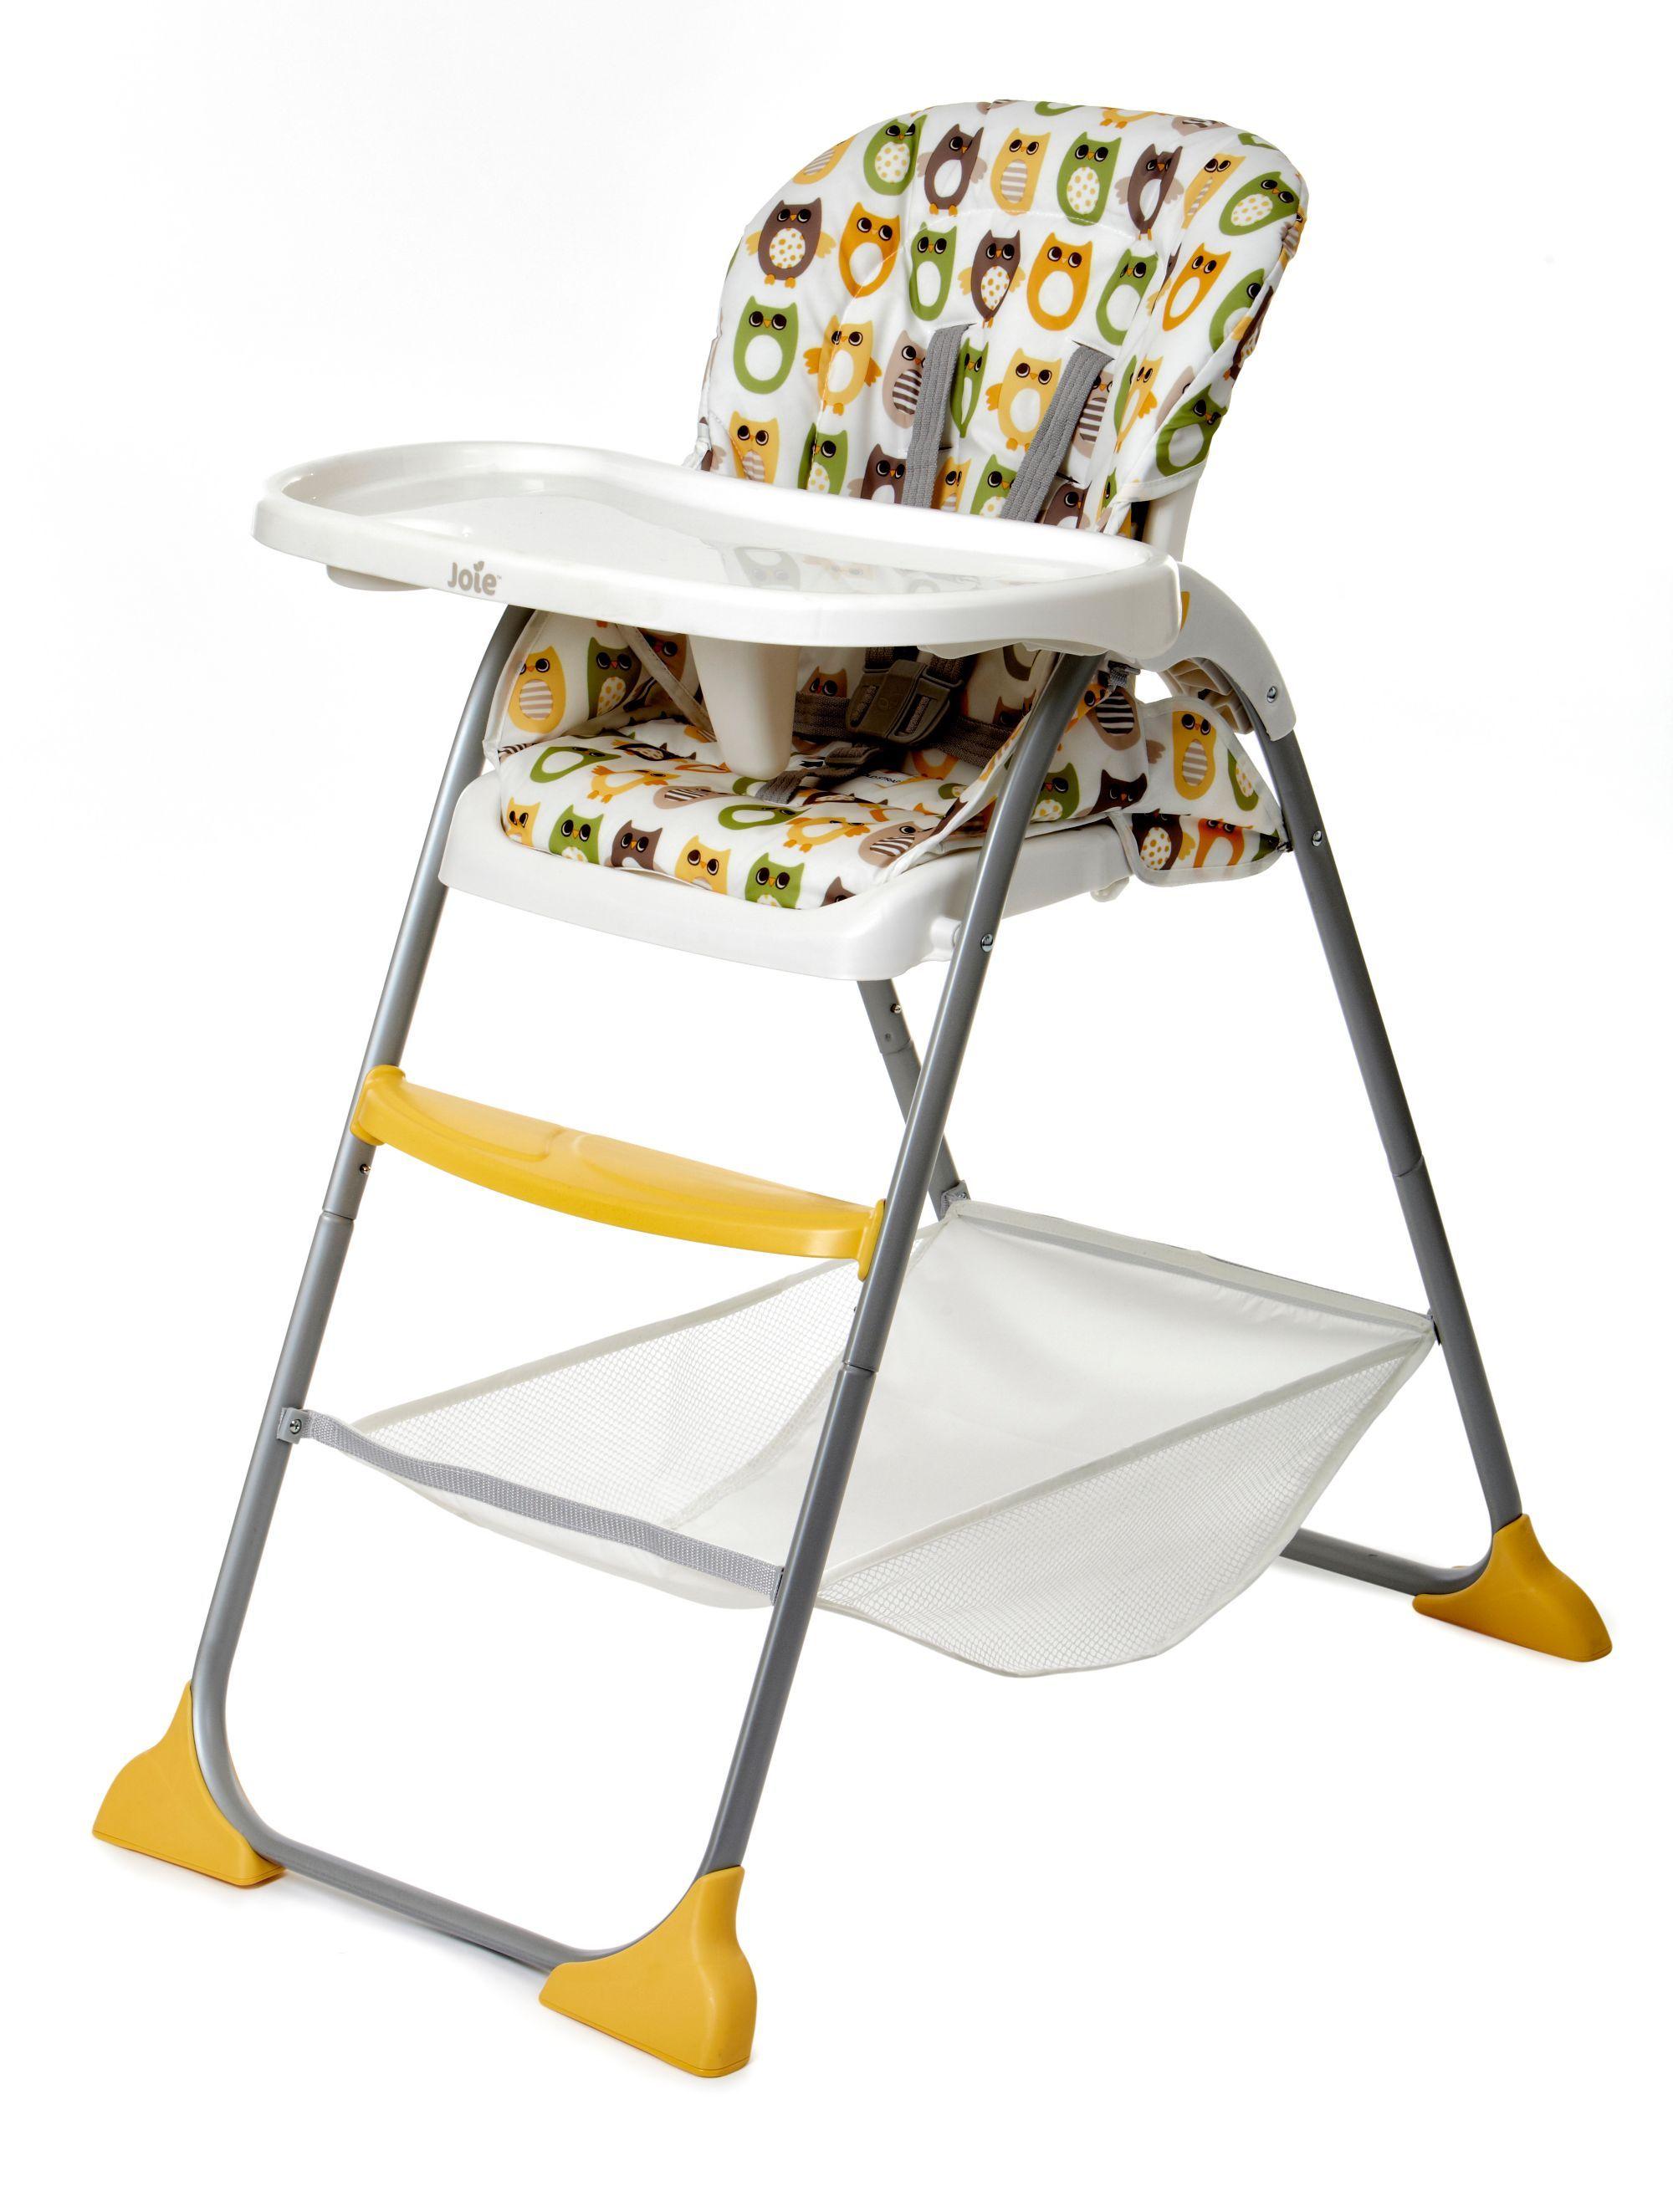 Joie Mimzy Snacker Highchair Owls High chair, Folding